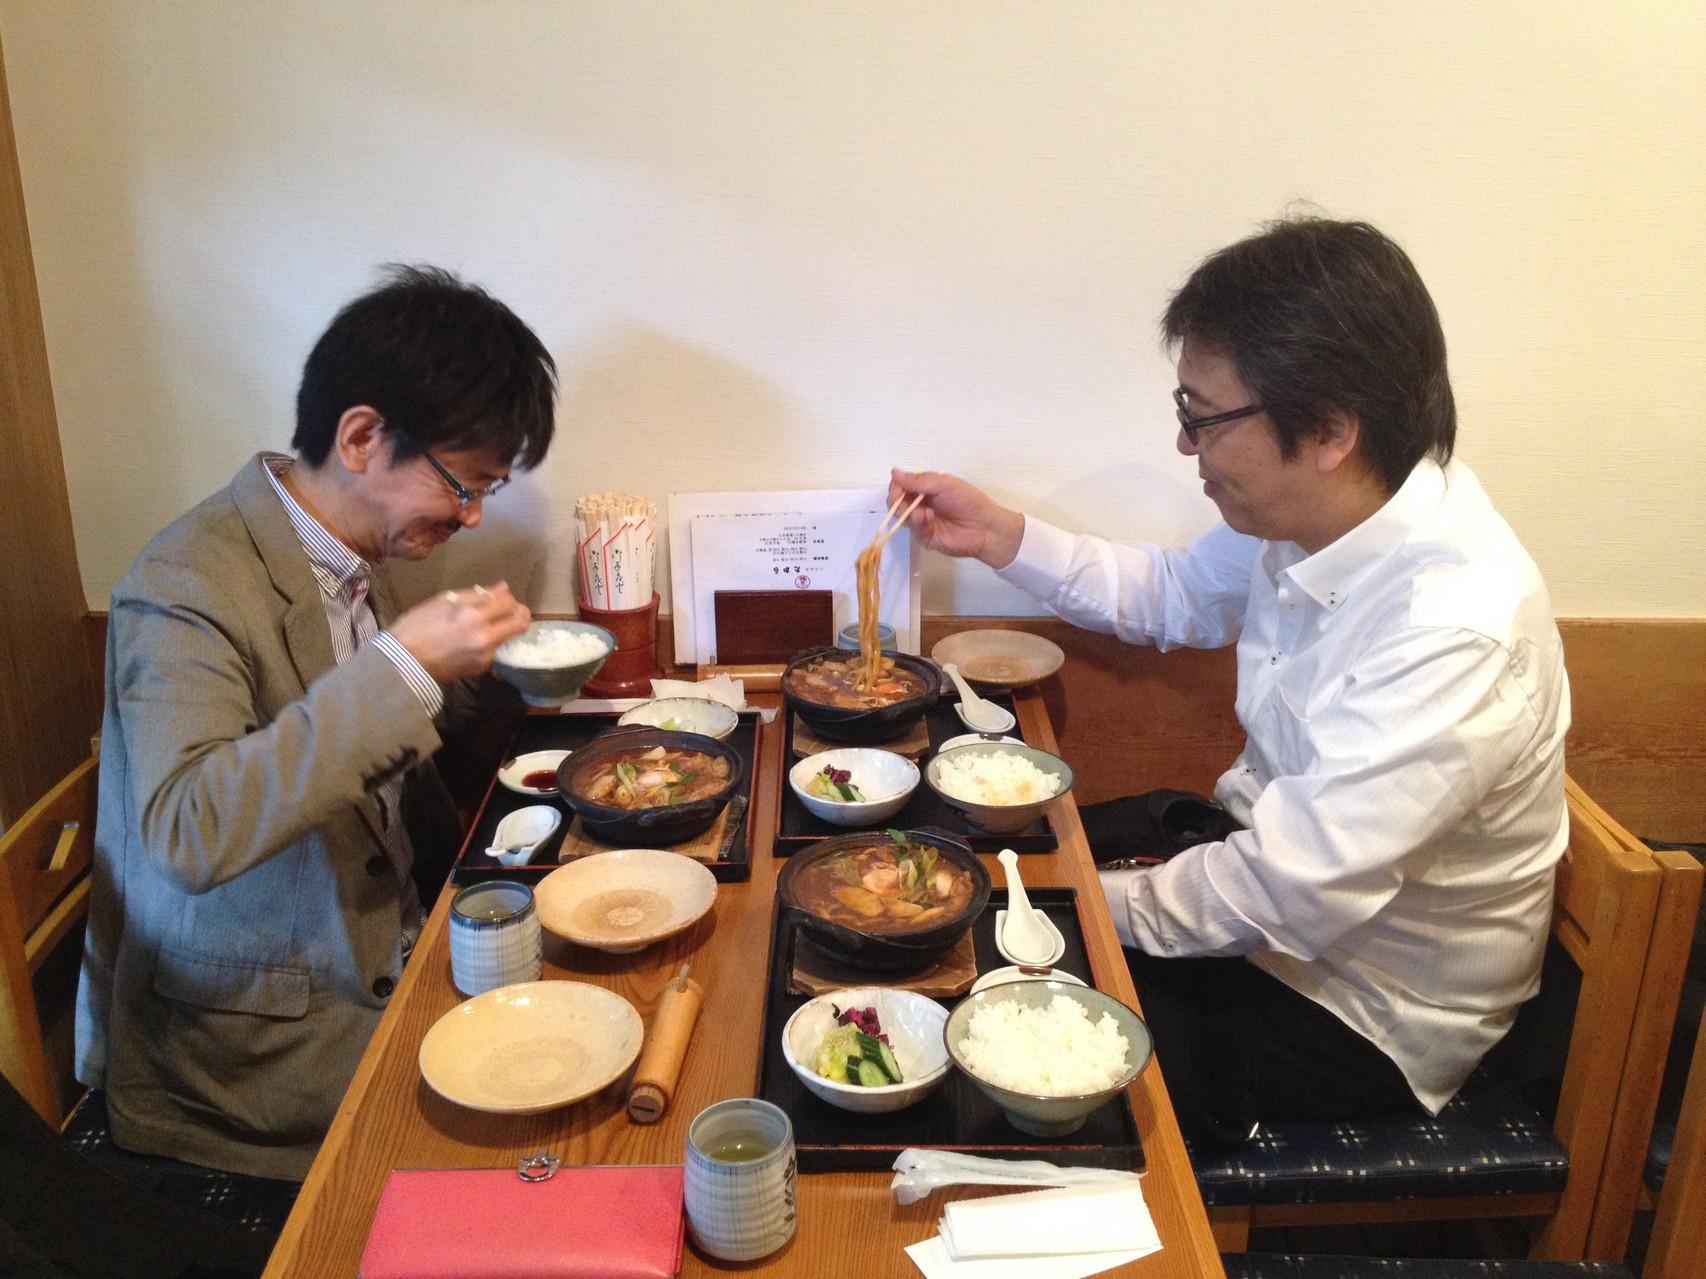 お気に入りのPhoto^^CUGリーダーテナーテナーサックスの小濱安浩さん(右)とアルトサックスの池田篤さん(左)